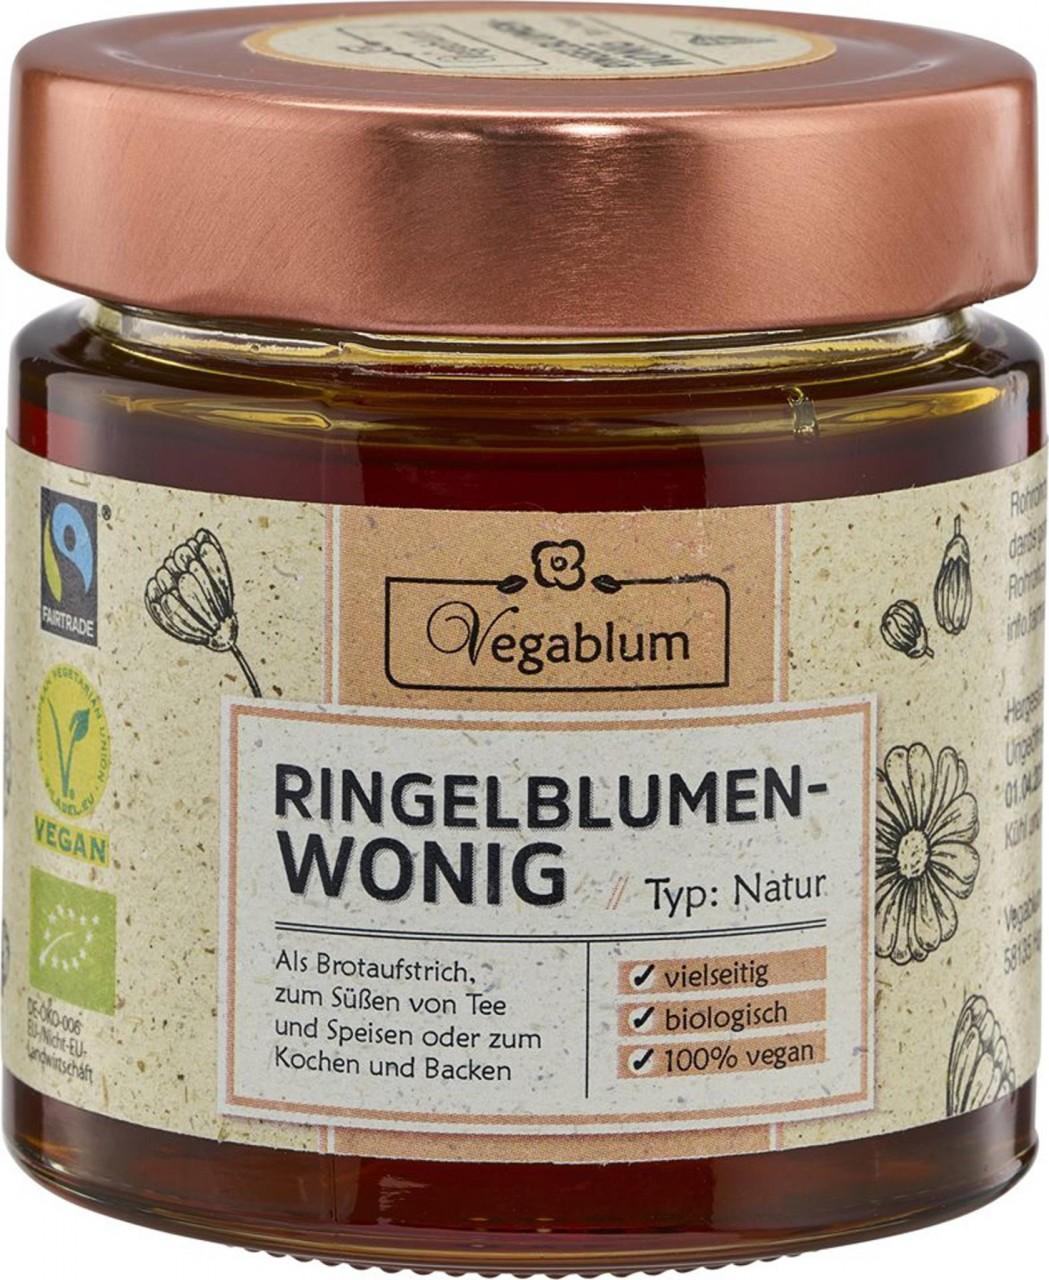 Vegablum Ringelblumen-Wonig